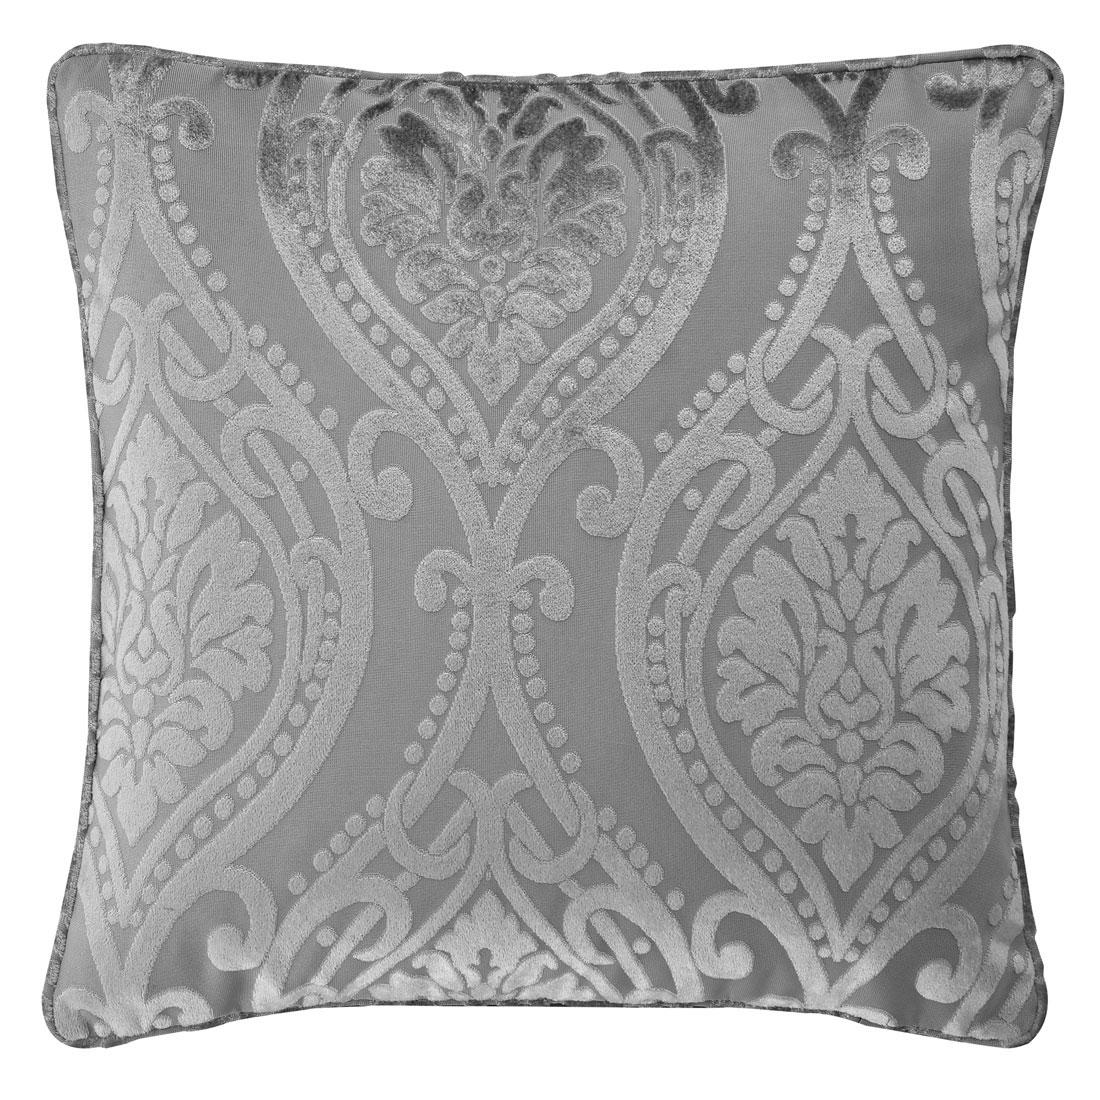 Chateau Devore Silver Cushion